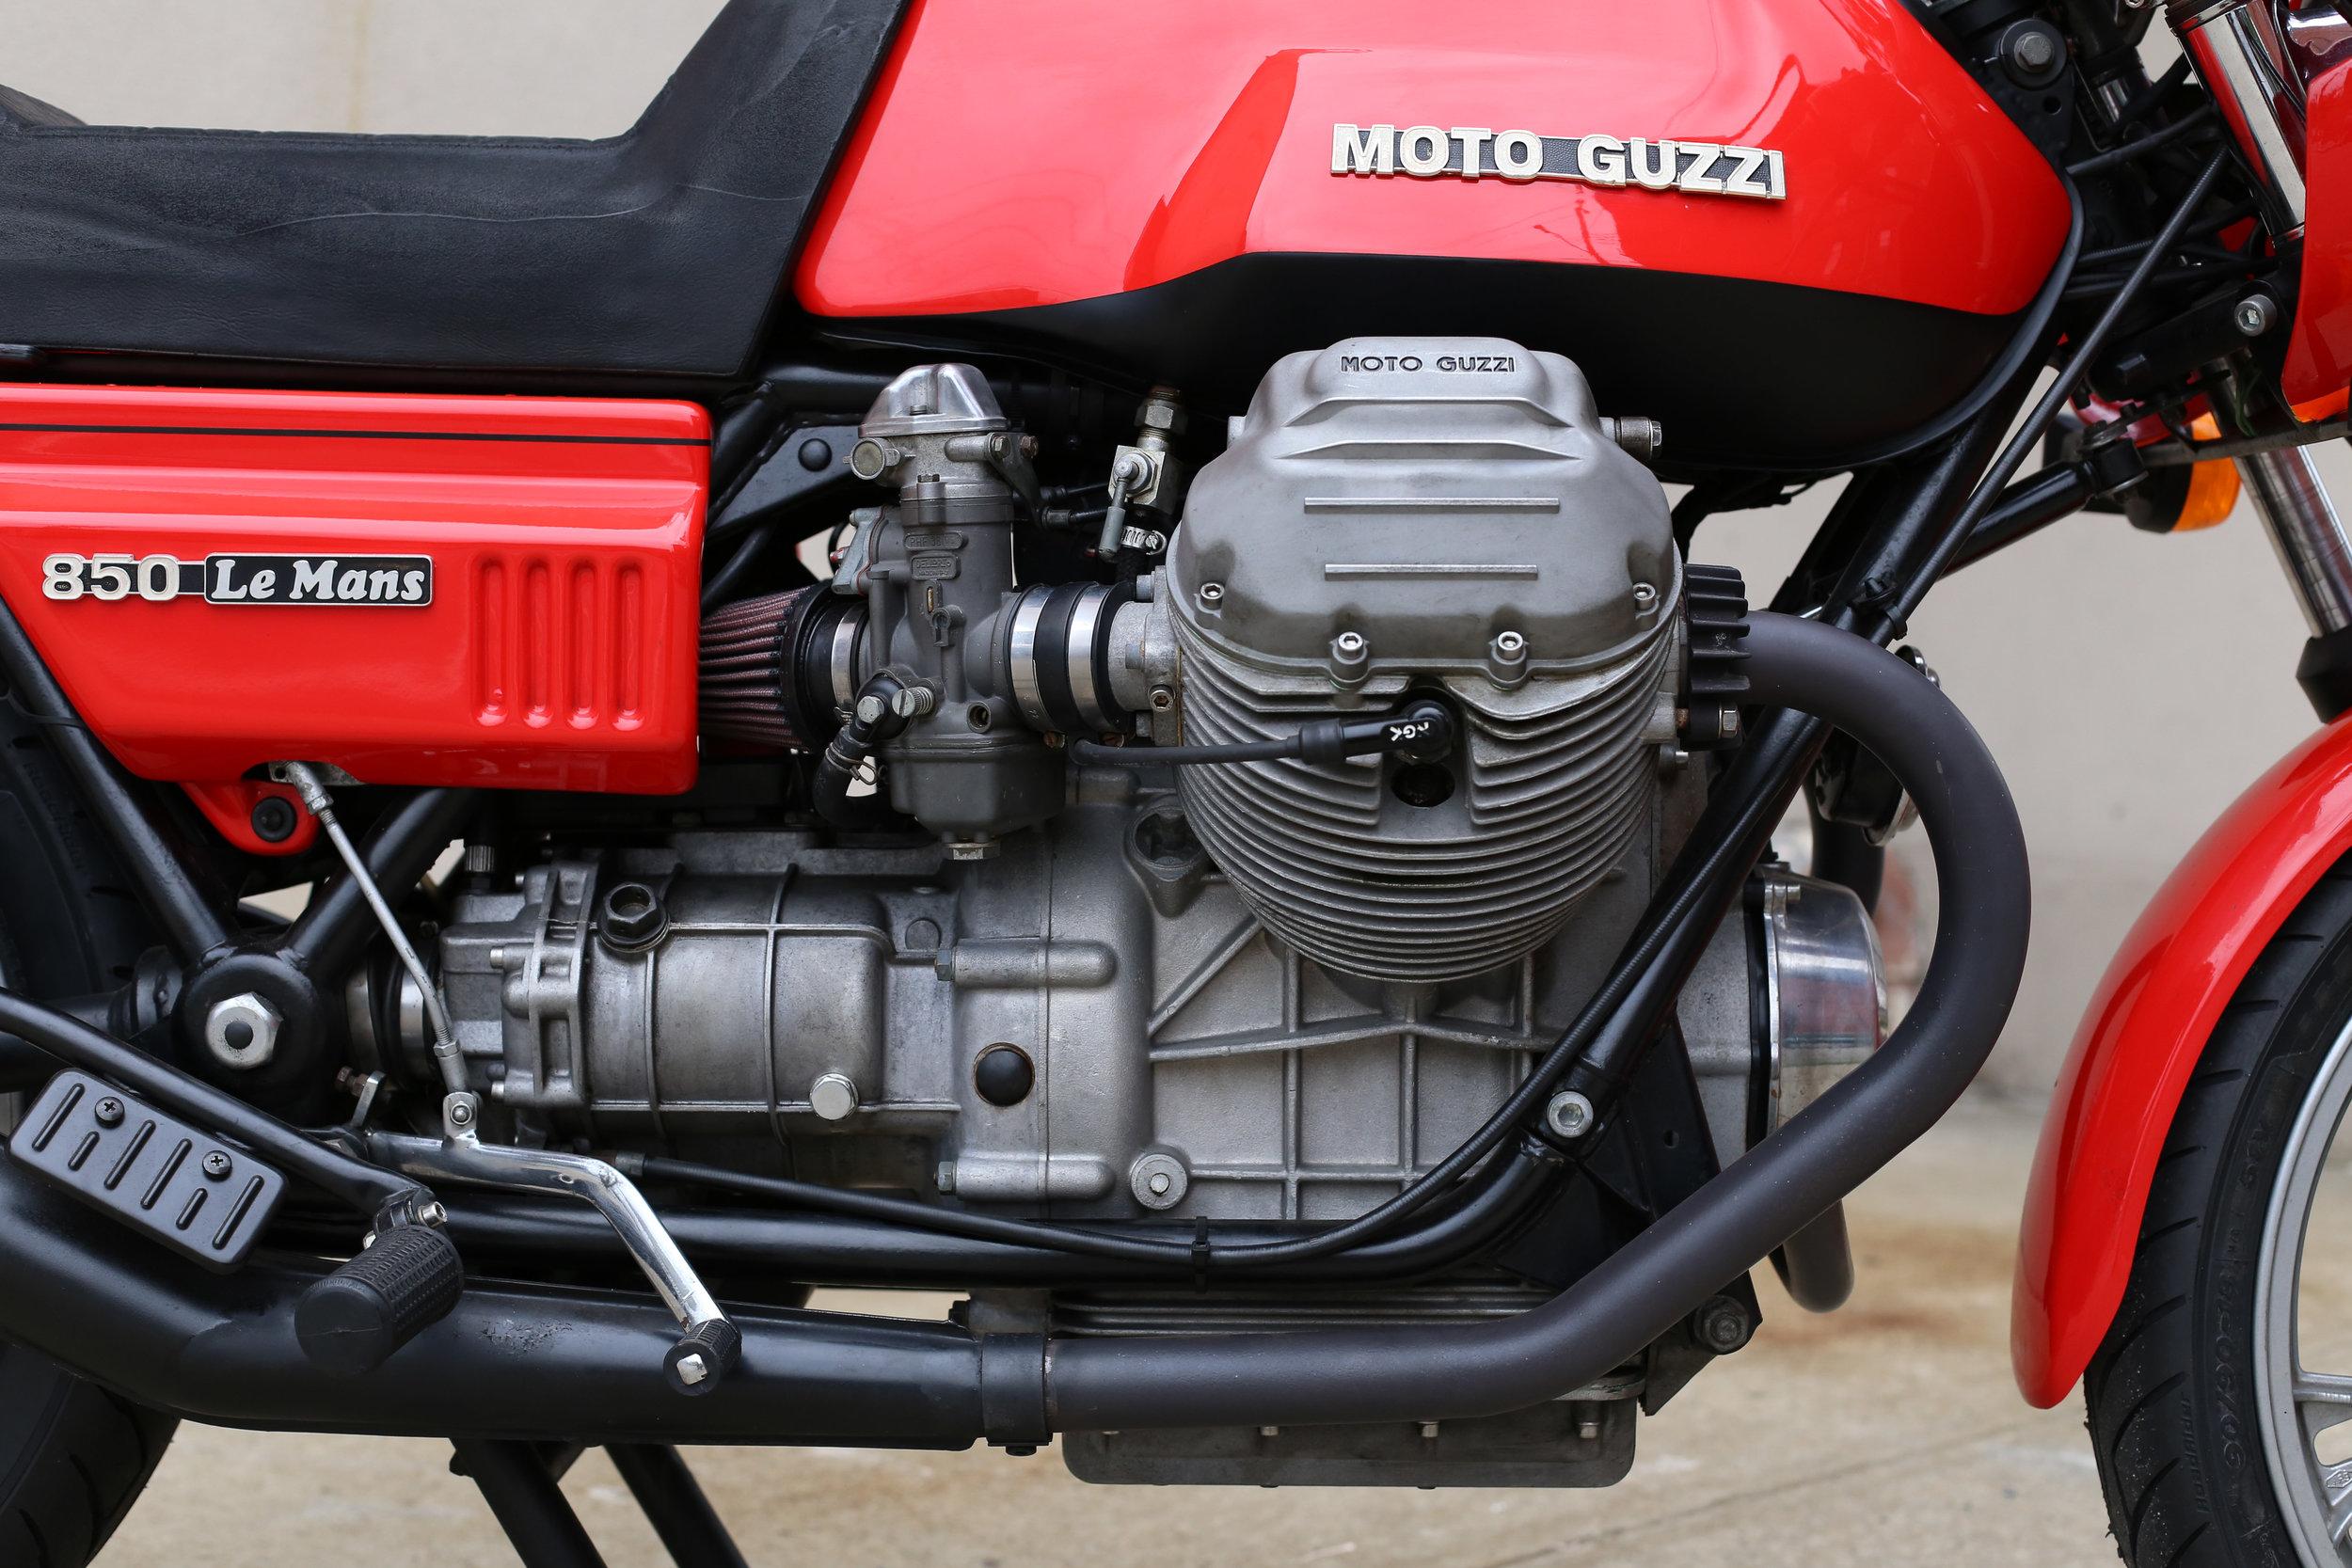 1977 Moto Guzzi Lemans 1 Carbs